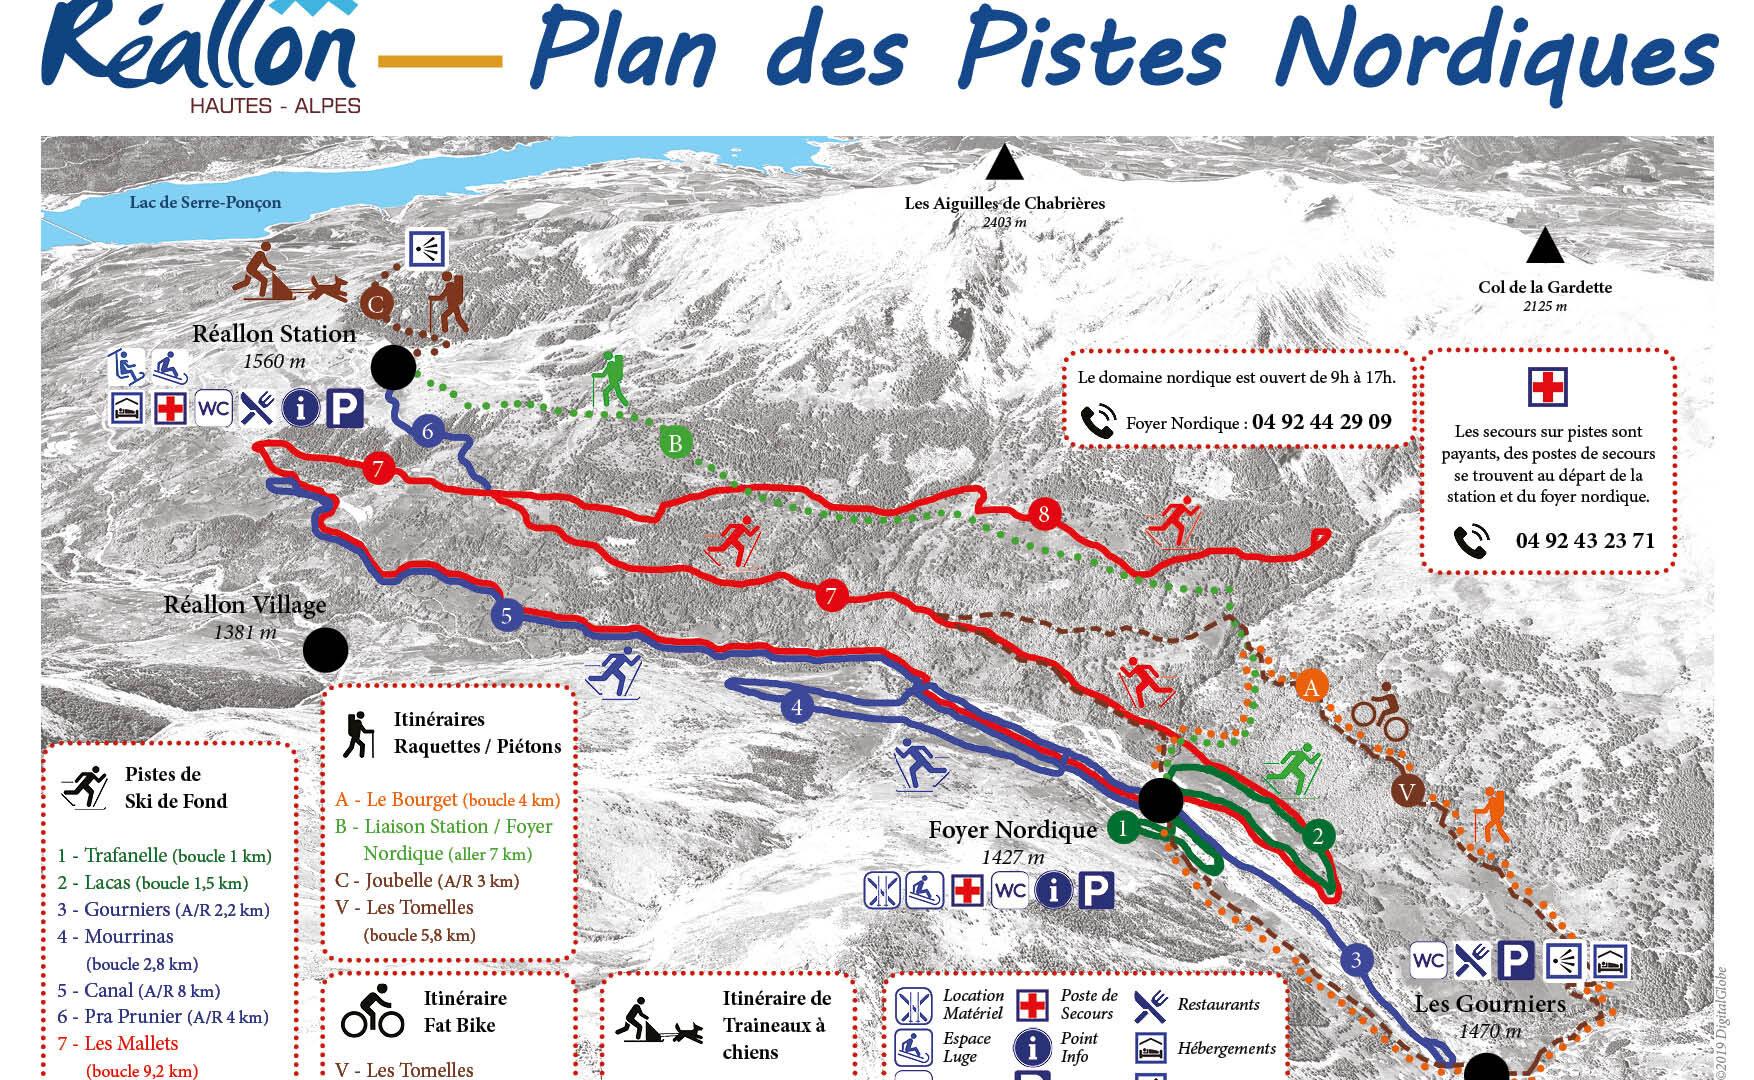 Plan des pistes nordiques 2019-2020